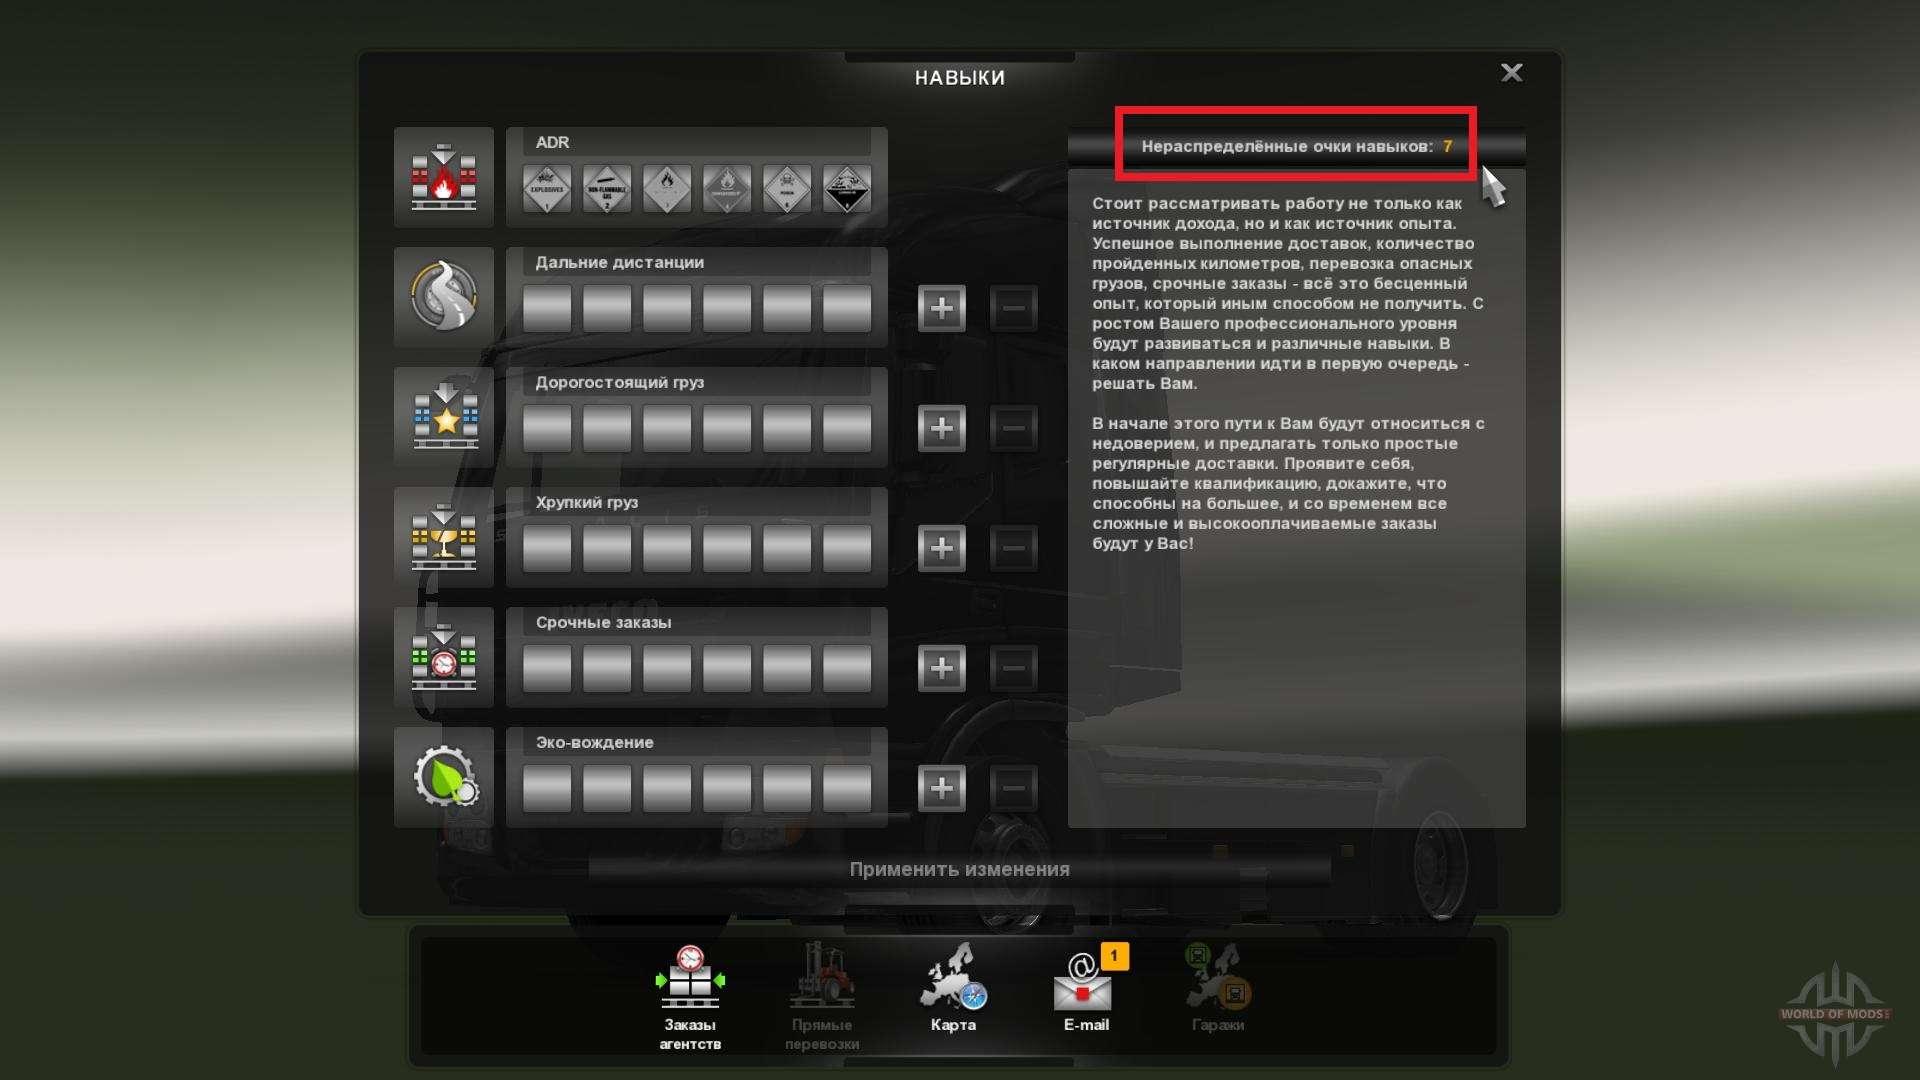 скачать мод на деньги euro truck simulator 2 бесплатно